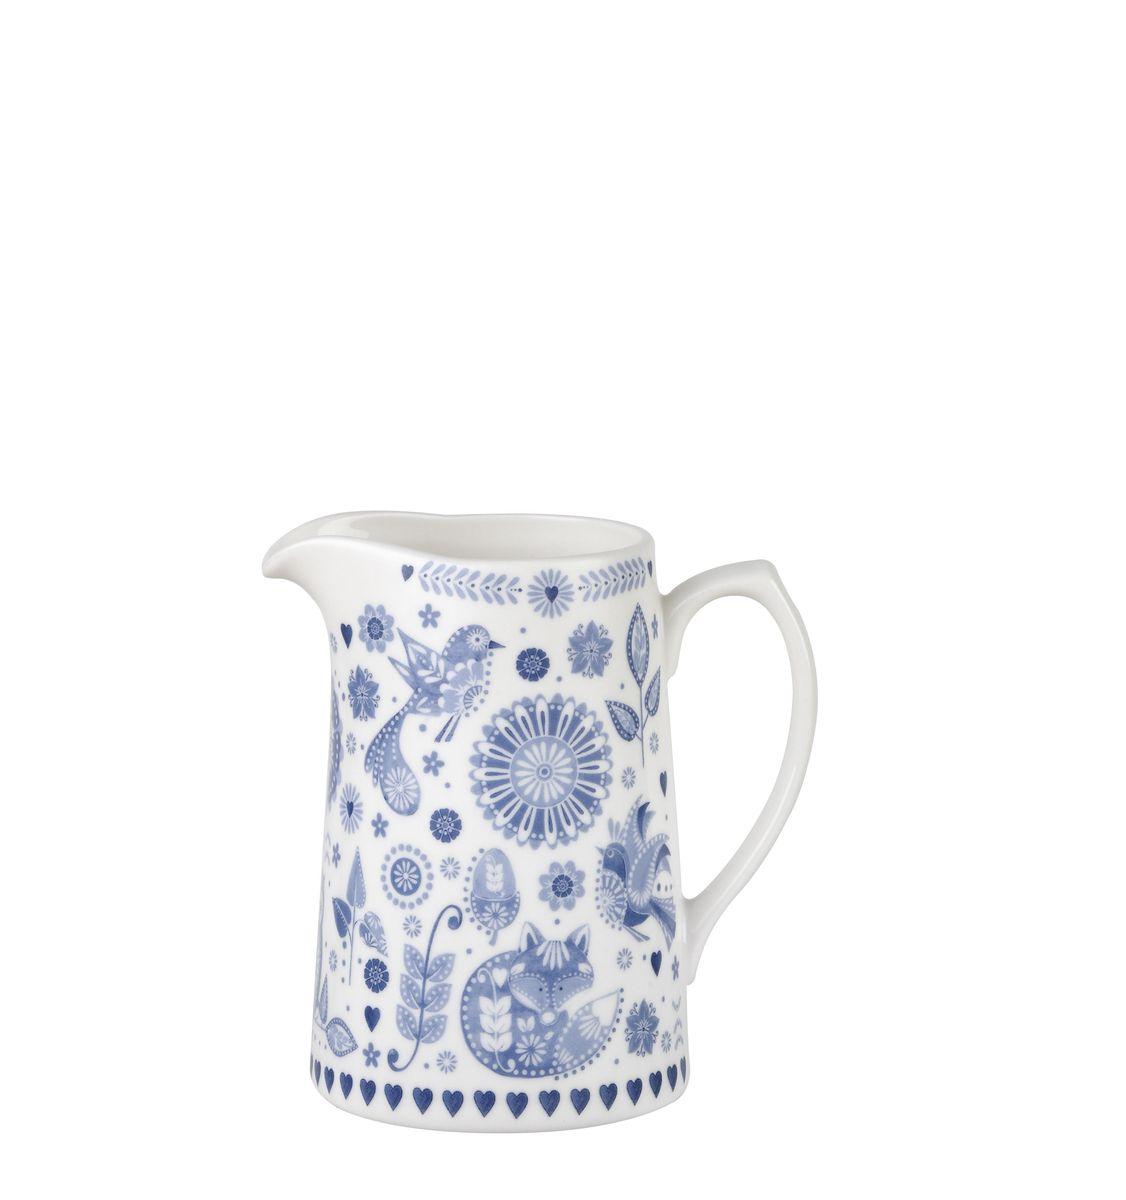 Кувшин Churchill, 230 мл. PENZ00101PENZ00101Коллекция Penzance - классическое сочетание синего и белого с народным дизайном. Материал: фарфор, фаянс, керамика. Можно мыть в посудомоечной машине Можно использовать в микроволновой печи